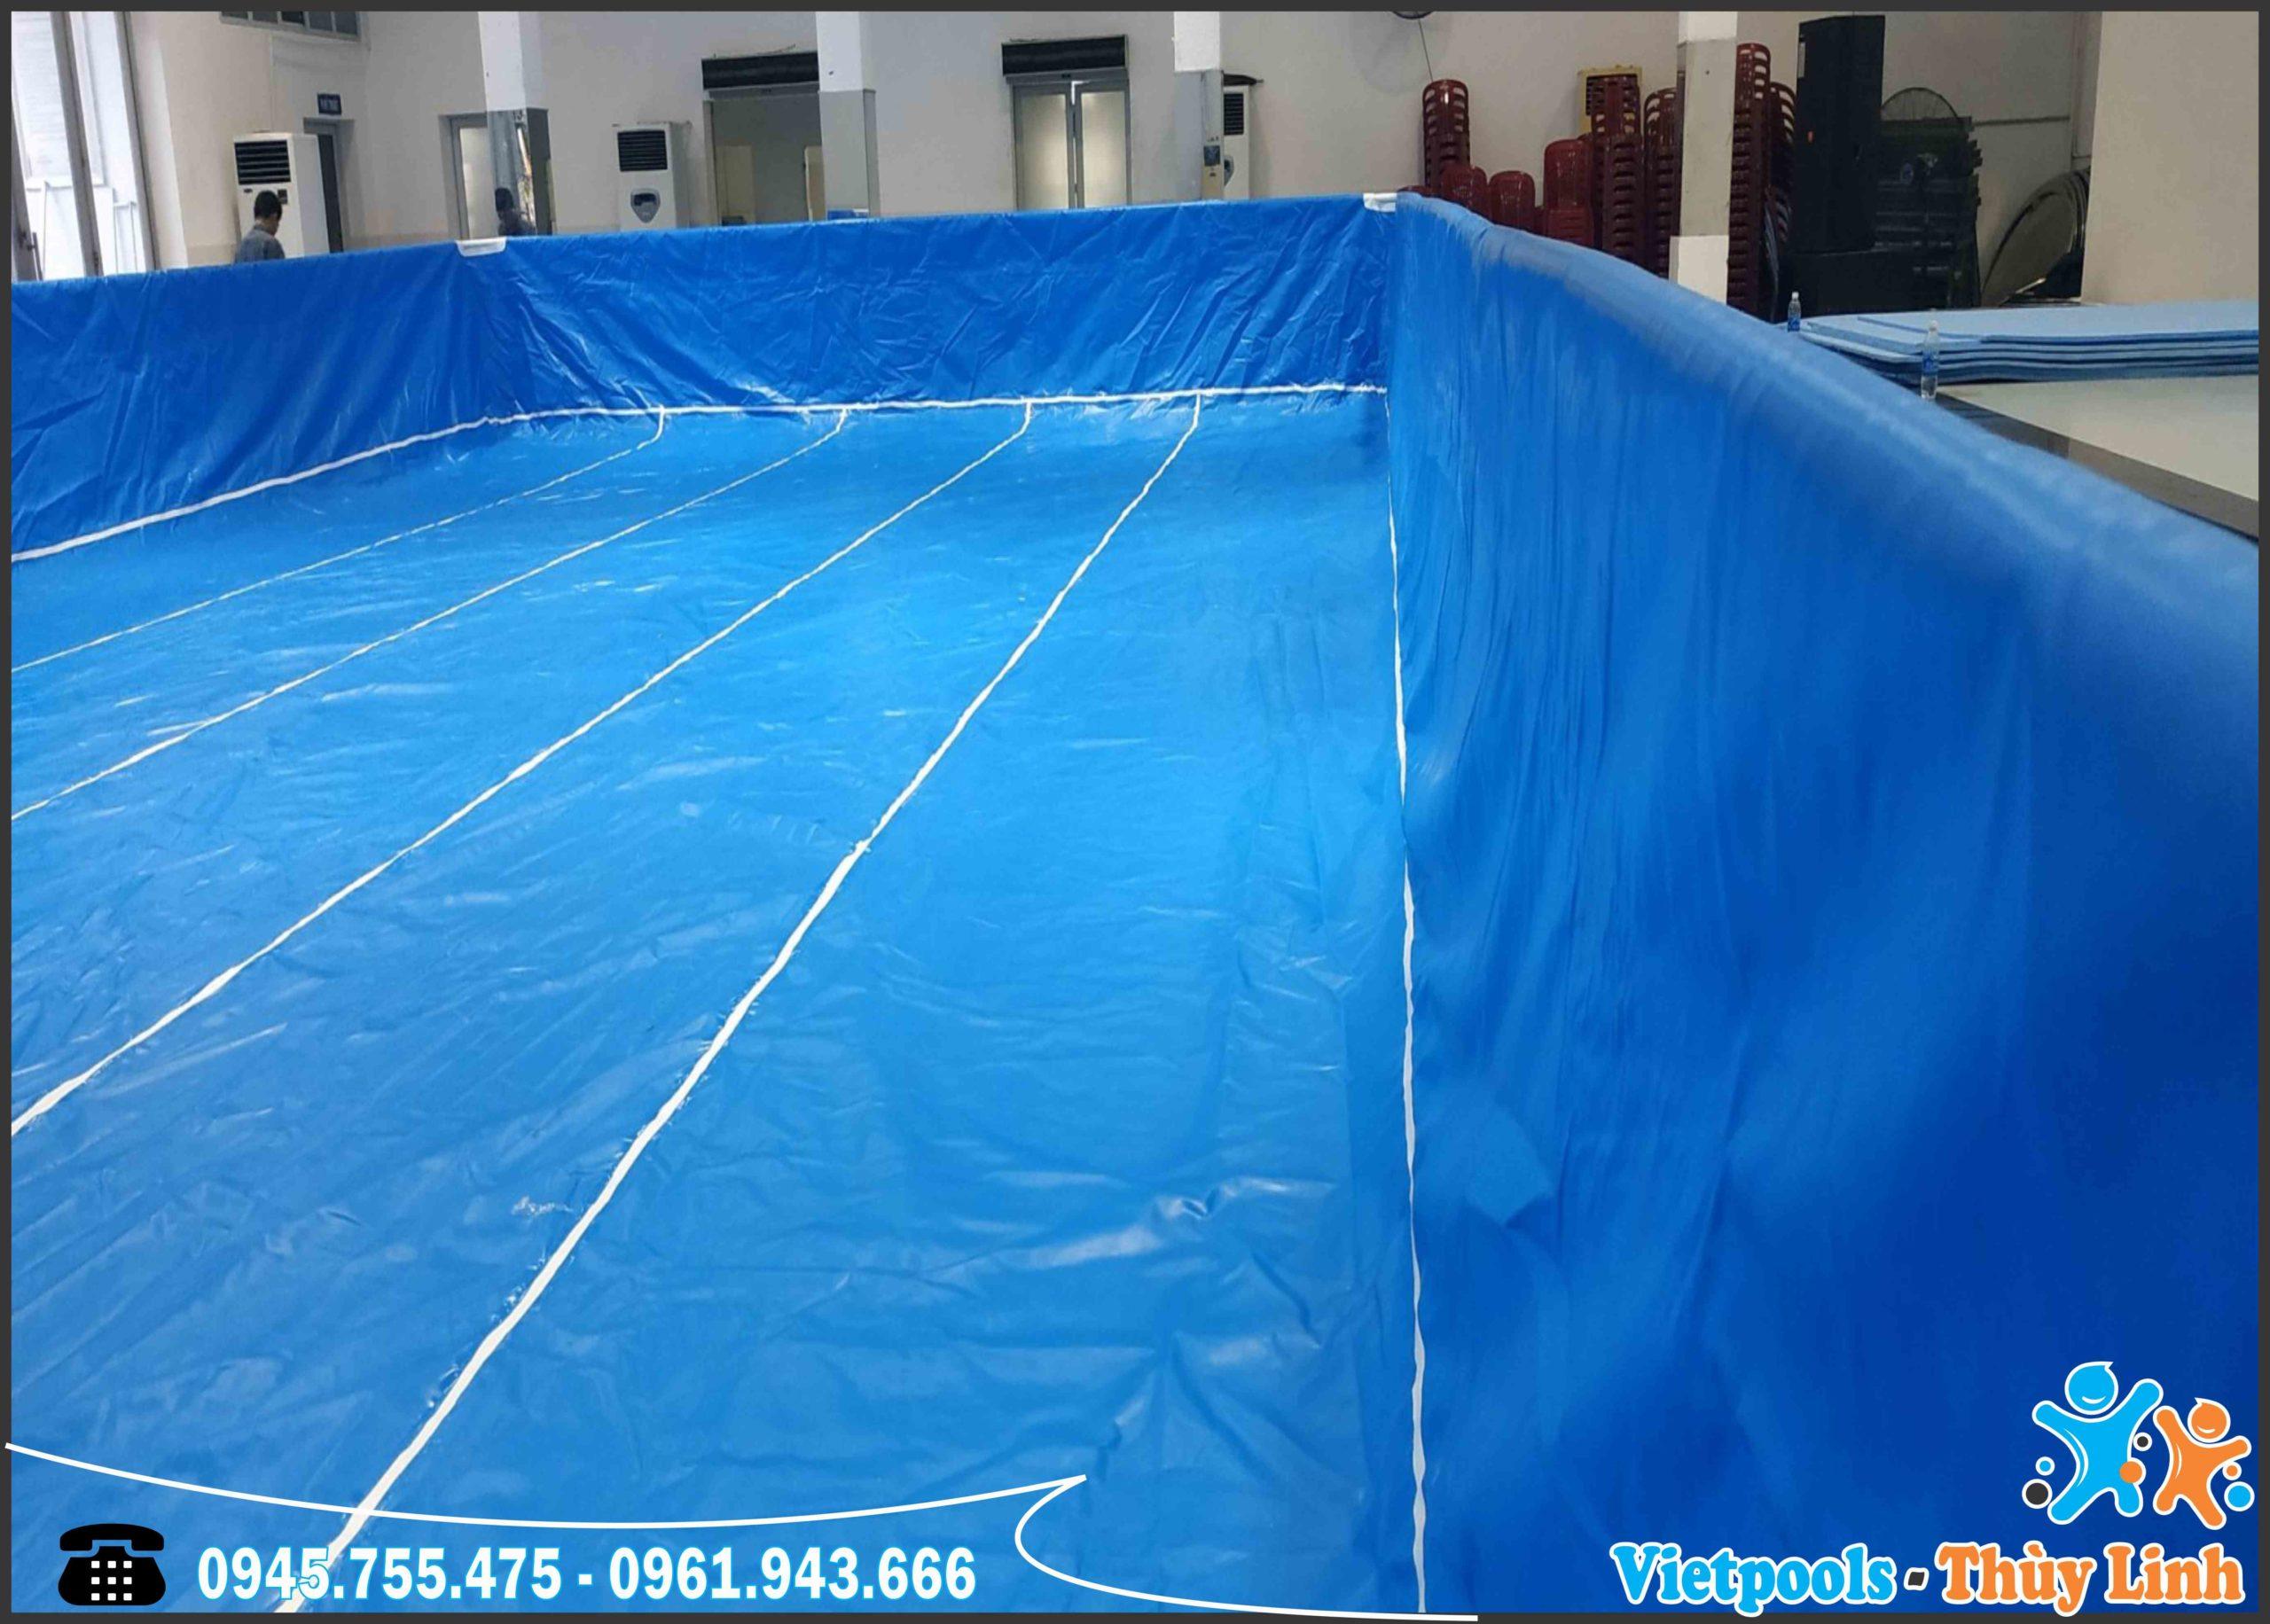 Bể Bơi Lắp Ghép Khung Kim Loại Tại Hồ Chí Minh KT 8.1mx17.1m - 2020 9